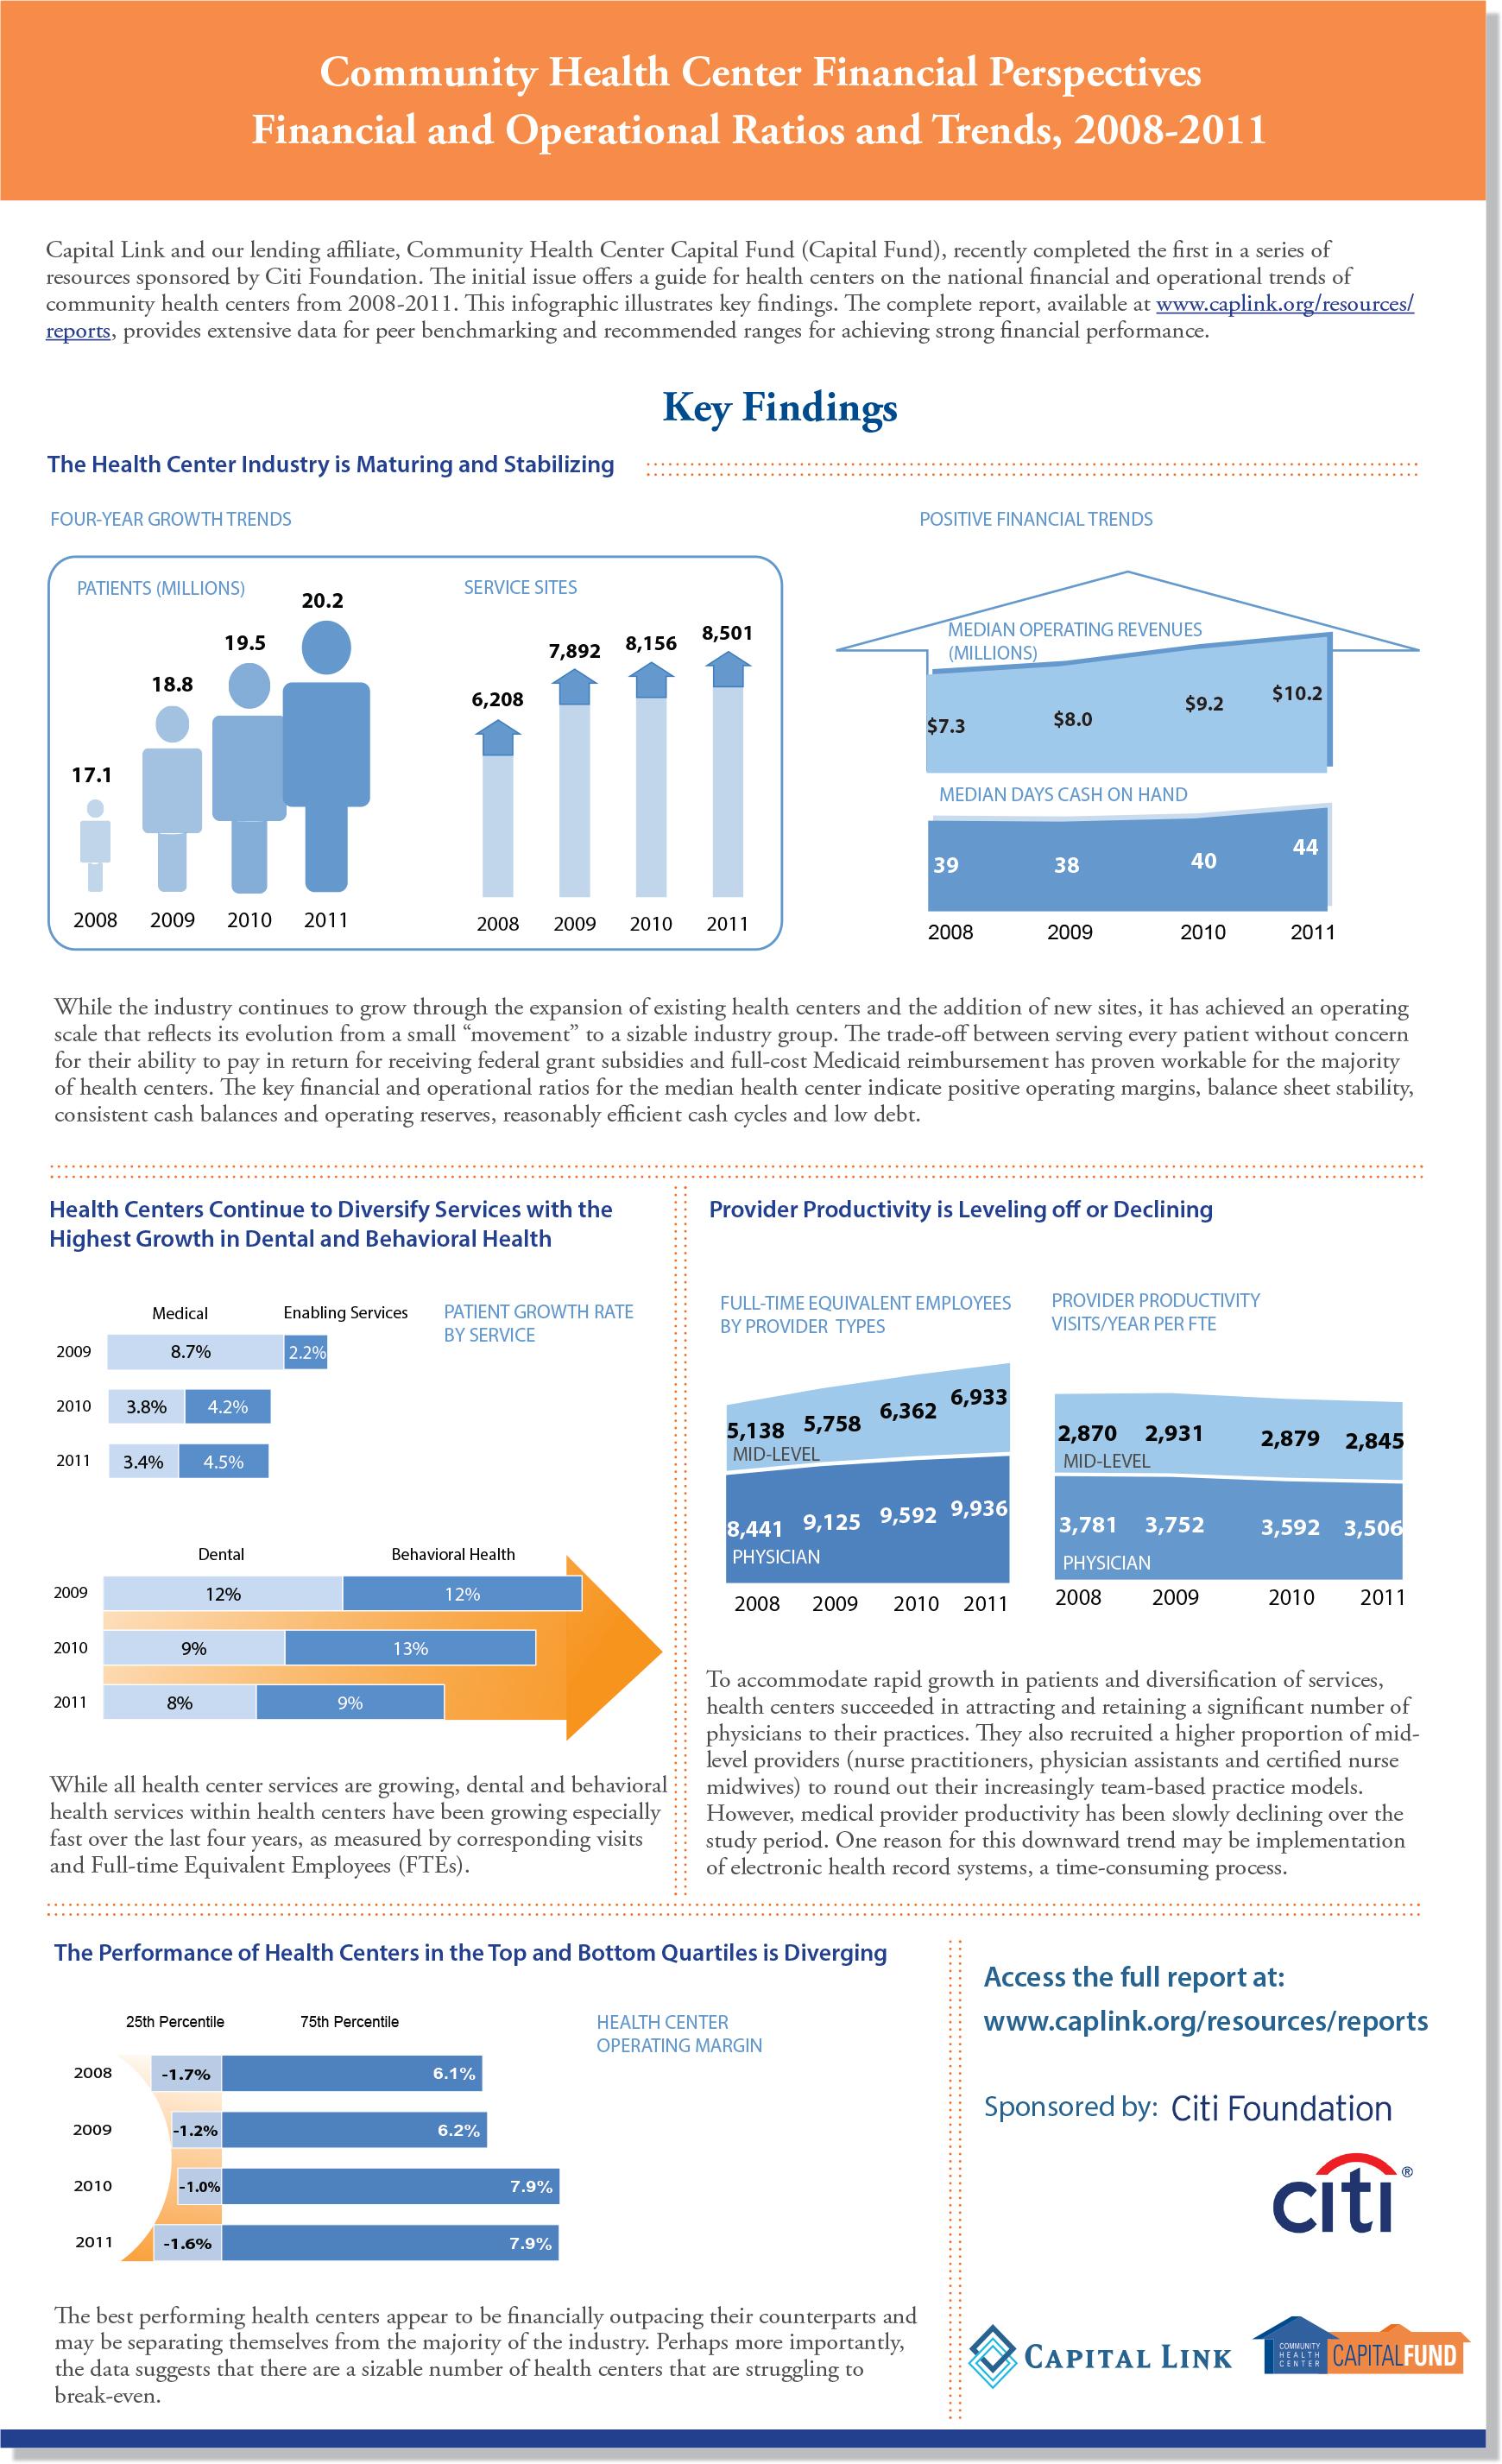 Citi-Infographic-2.jpg